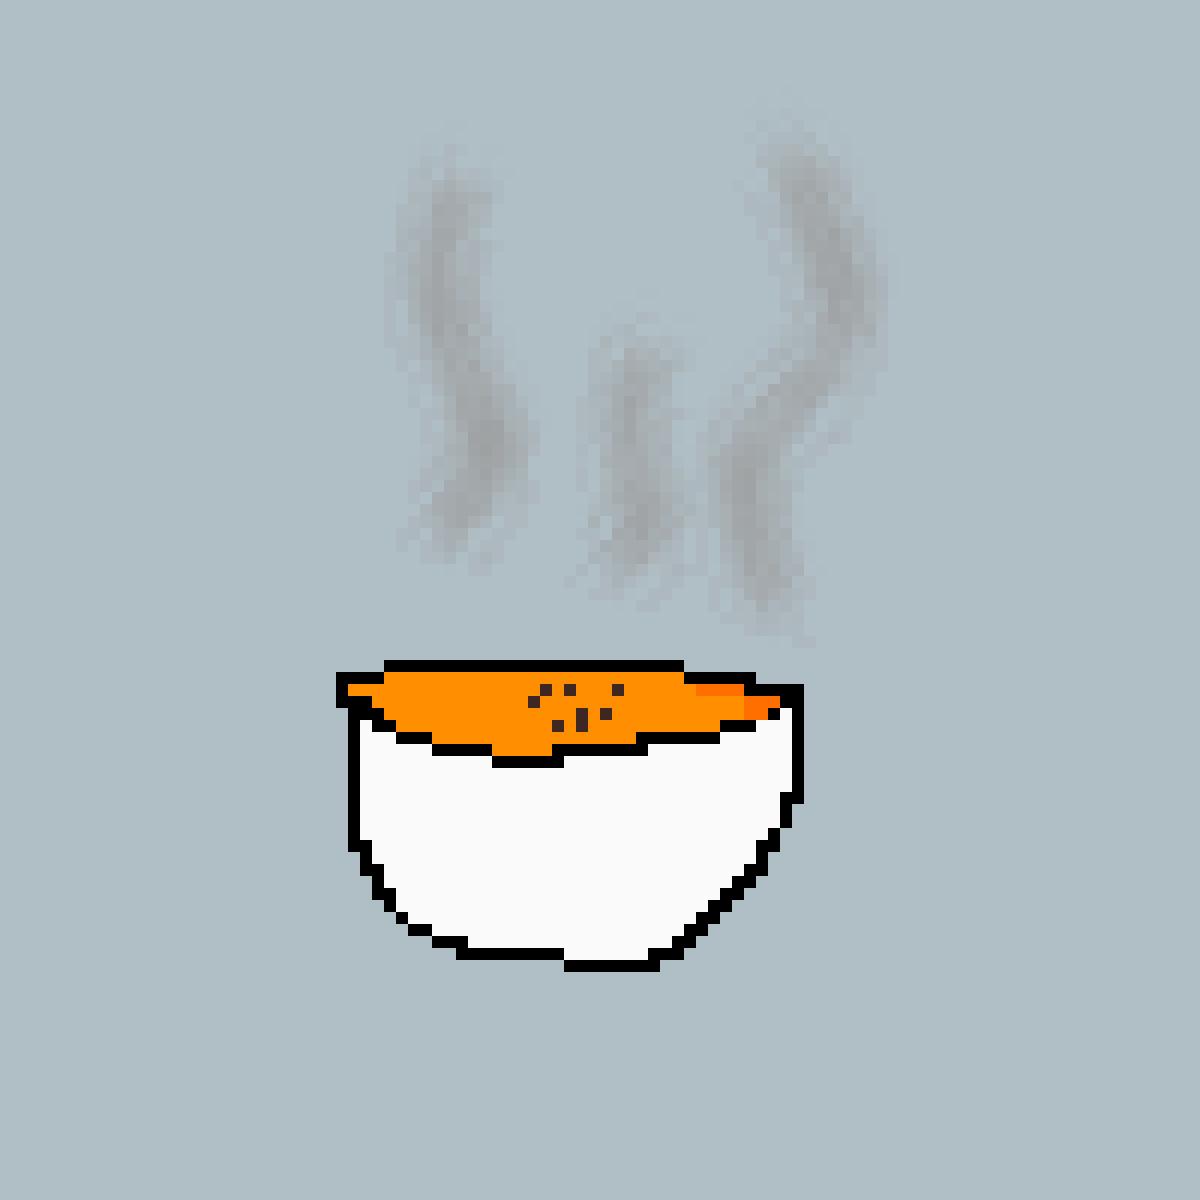 soup by Emkma